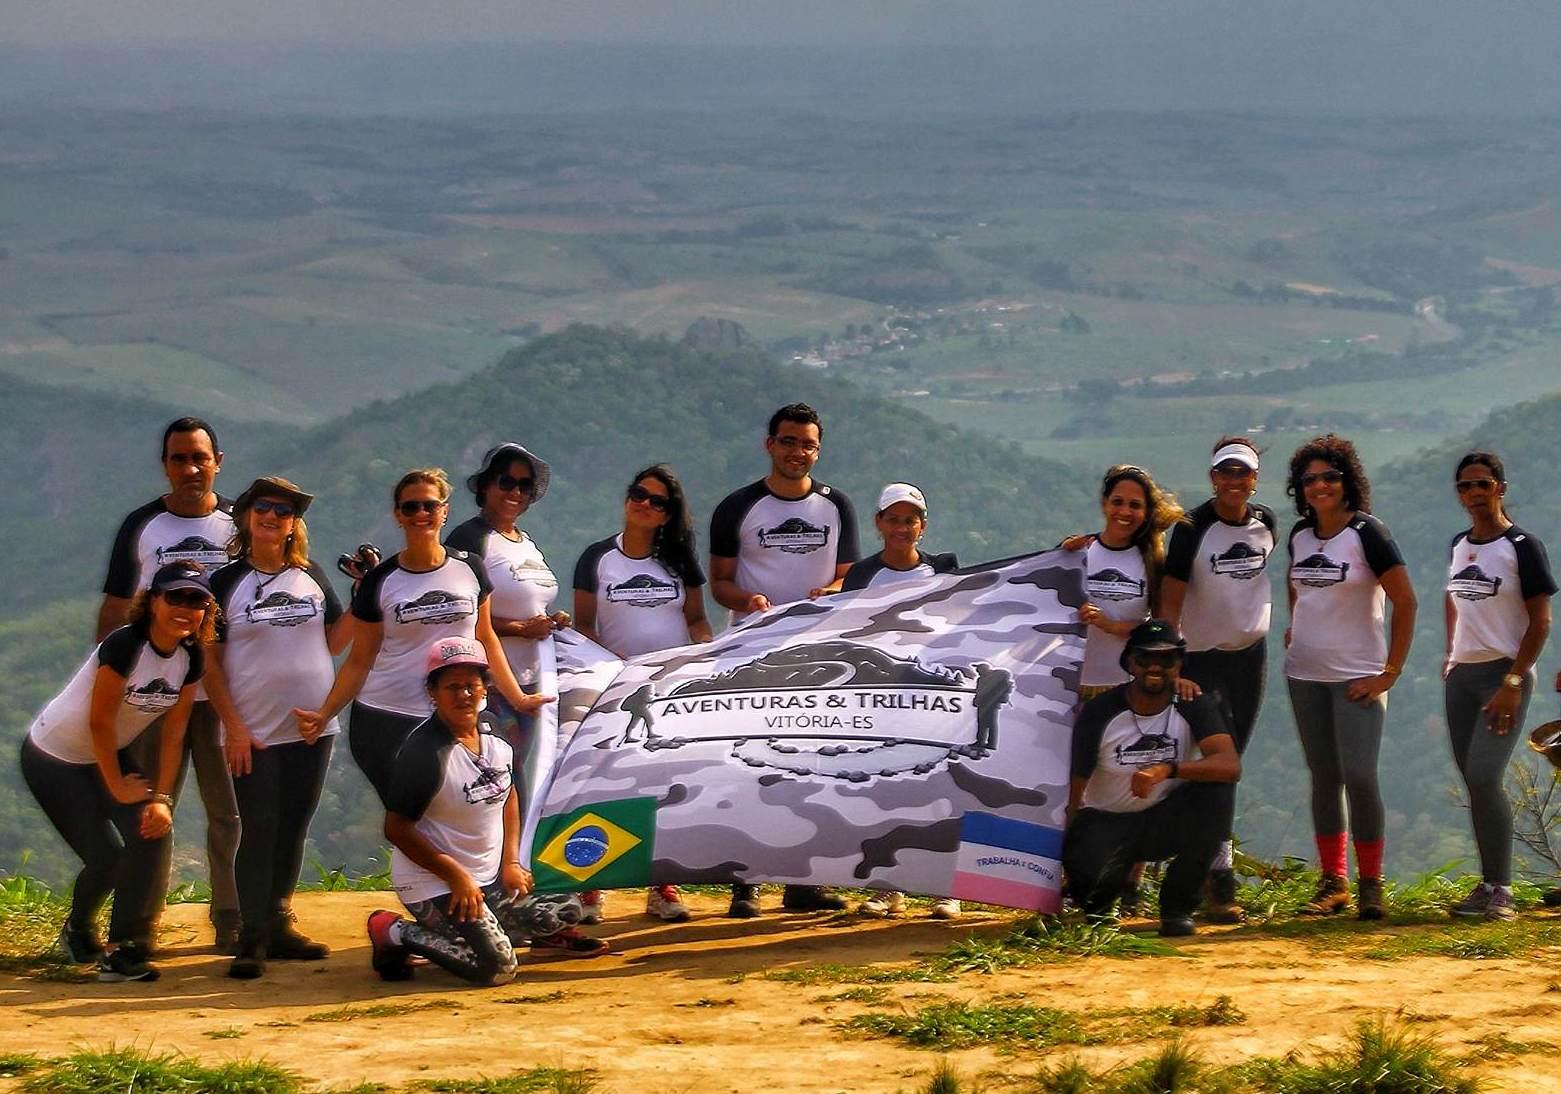 0d1f4a247 Subimos o Morro do Itaóca (também conhecido como Morro do Rato). O seu  ponto culminante atinge 414m. O local é utilizado pelas emissoras de rádio  e ...